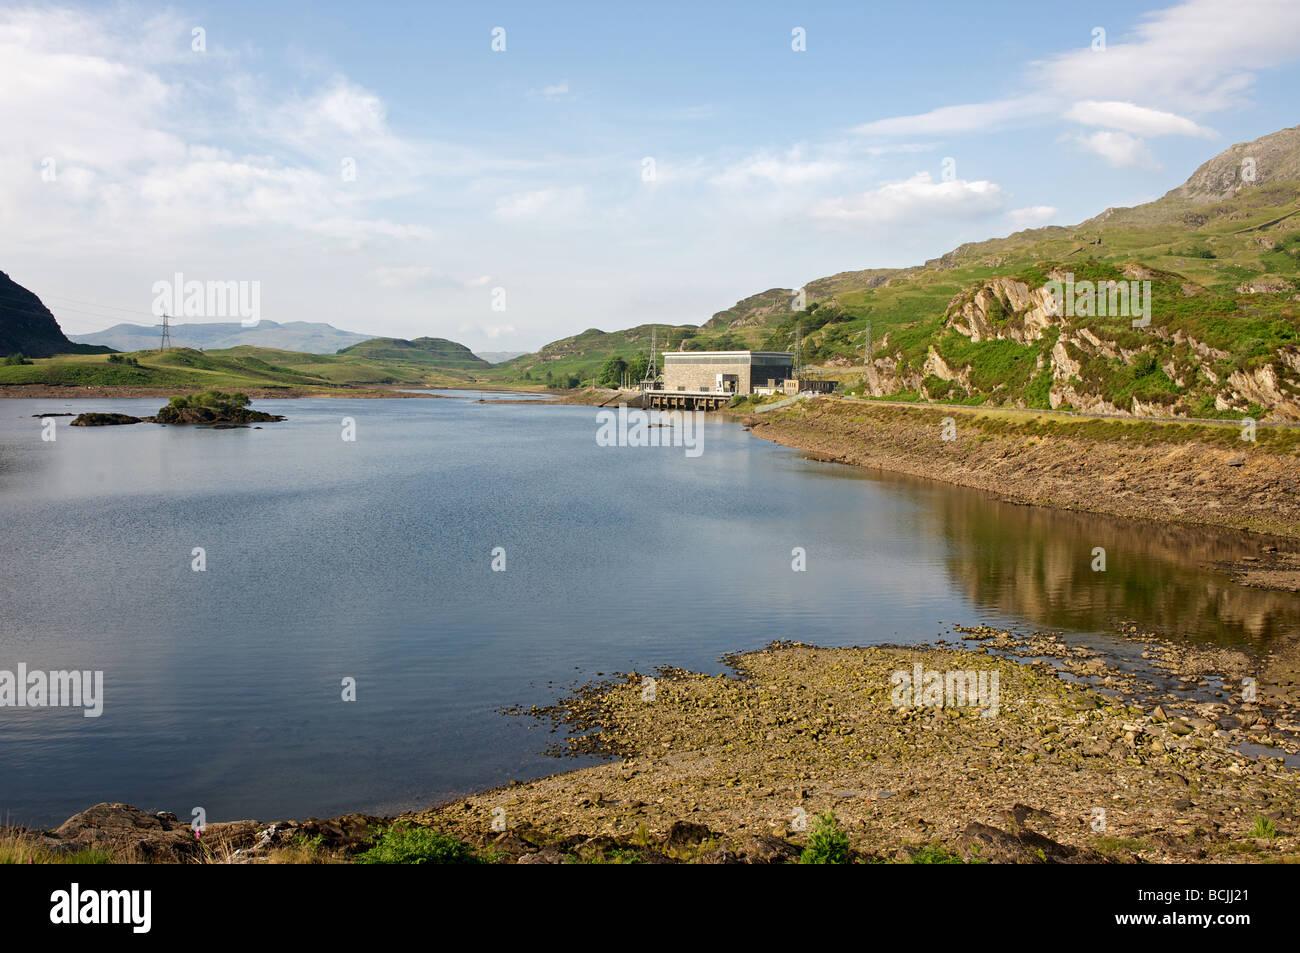 Ffestiniog Hydro Electric Power Station, en el norte de Gales. Imagen De Stock